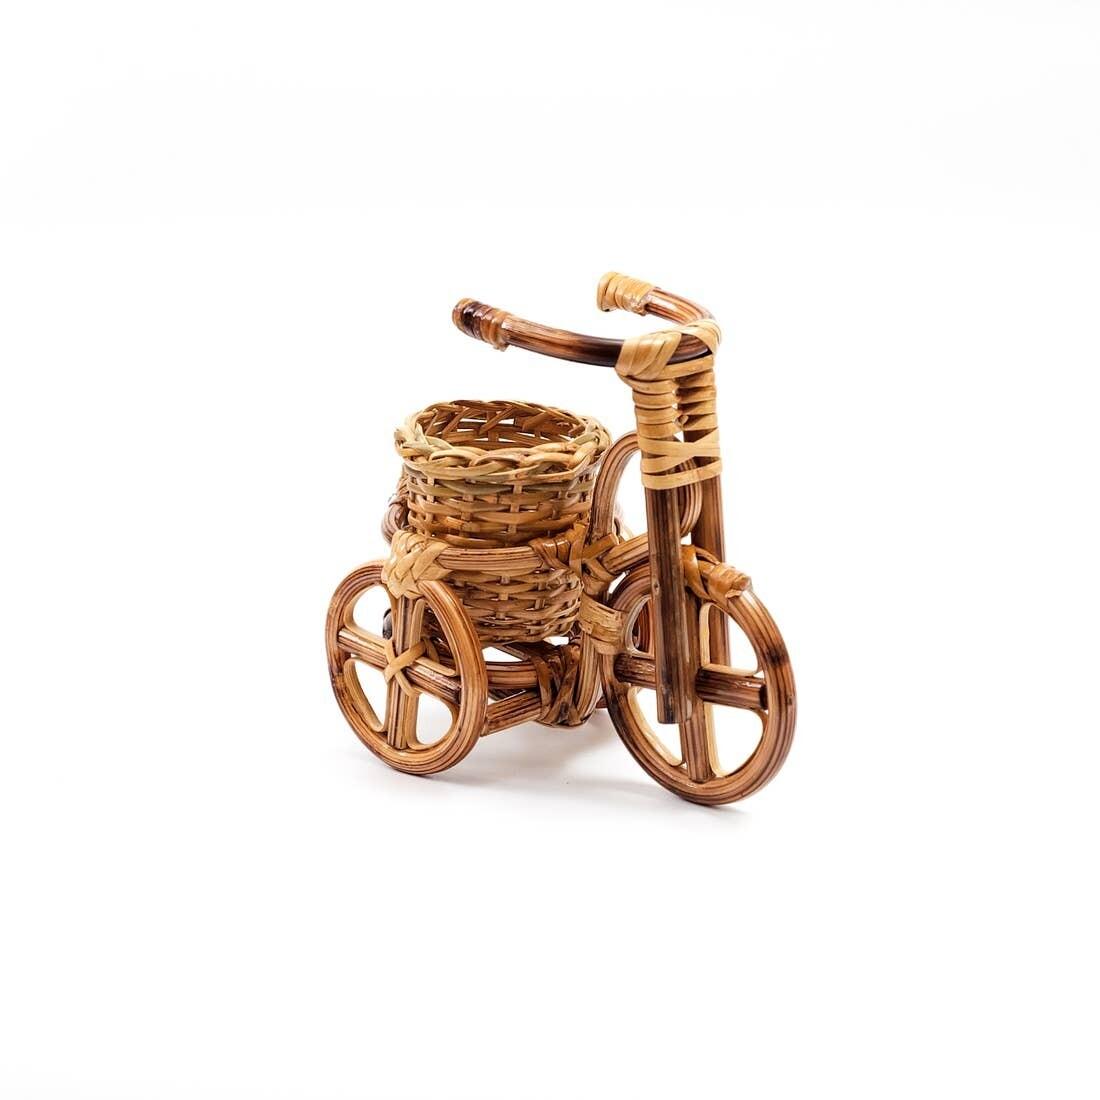 Bike Planter by LIKHA